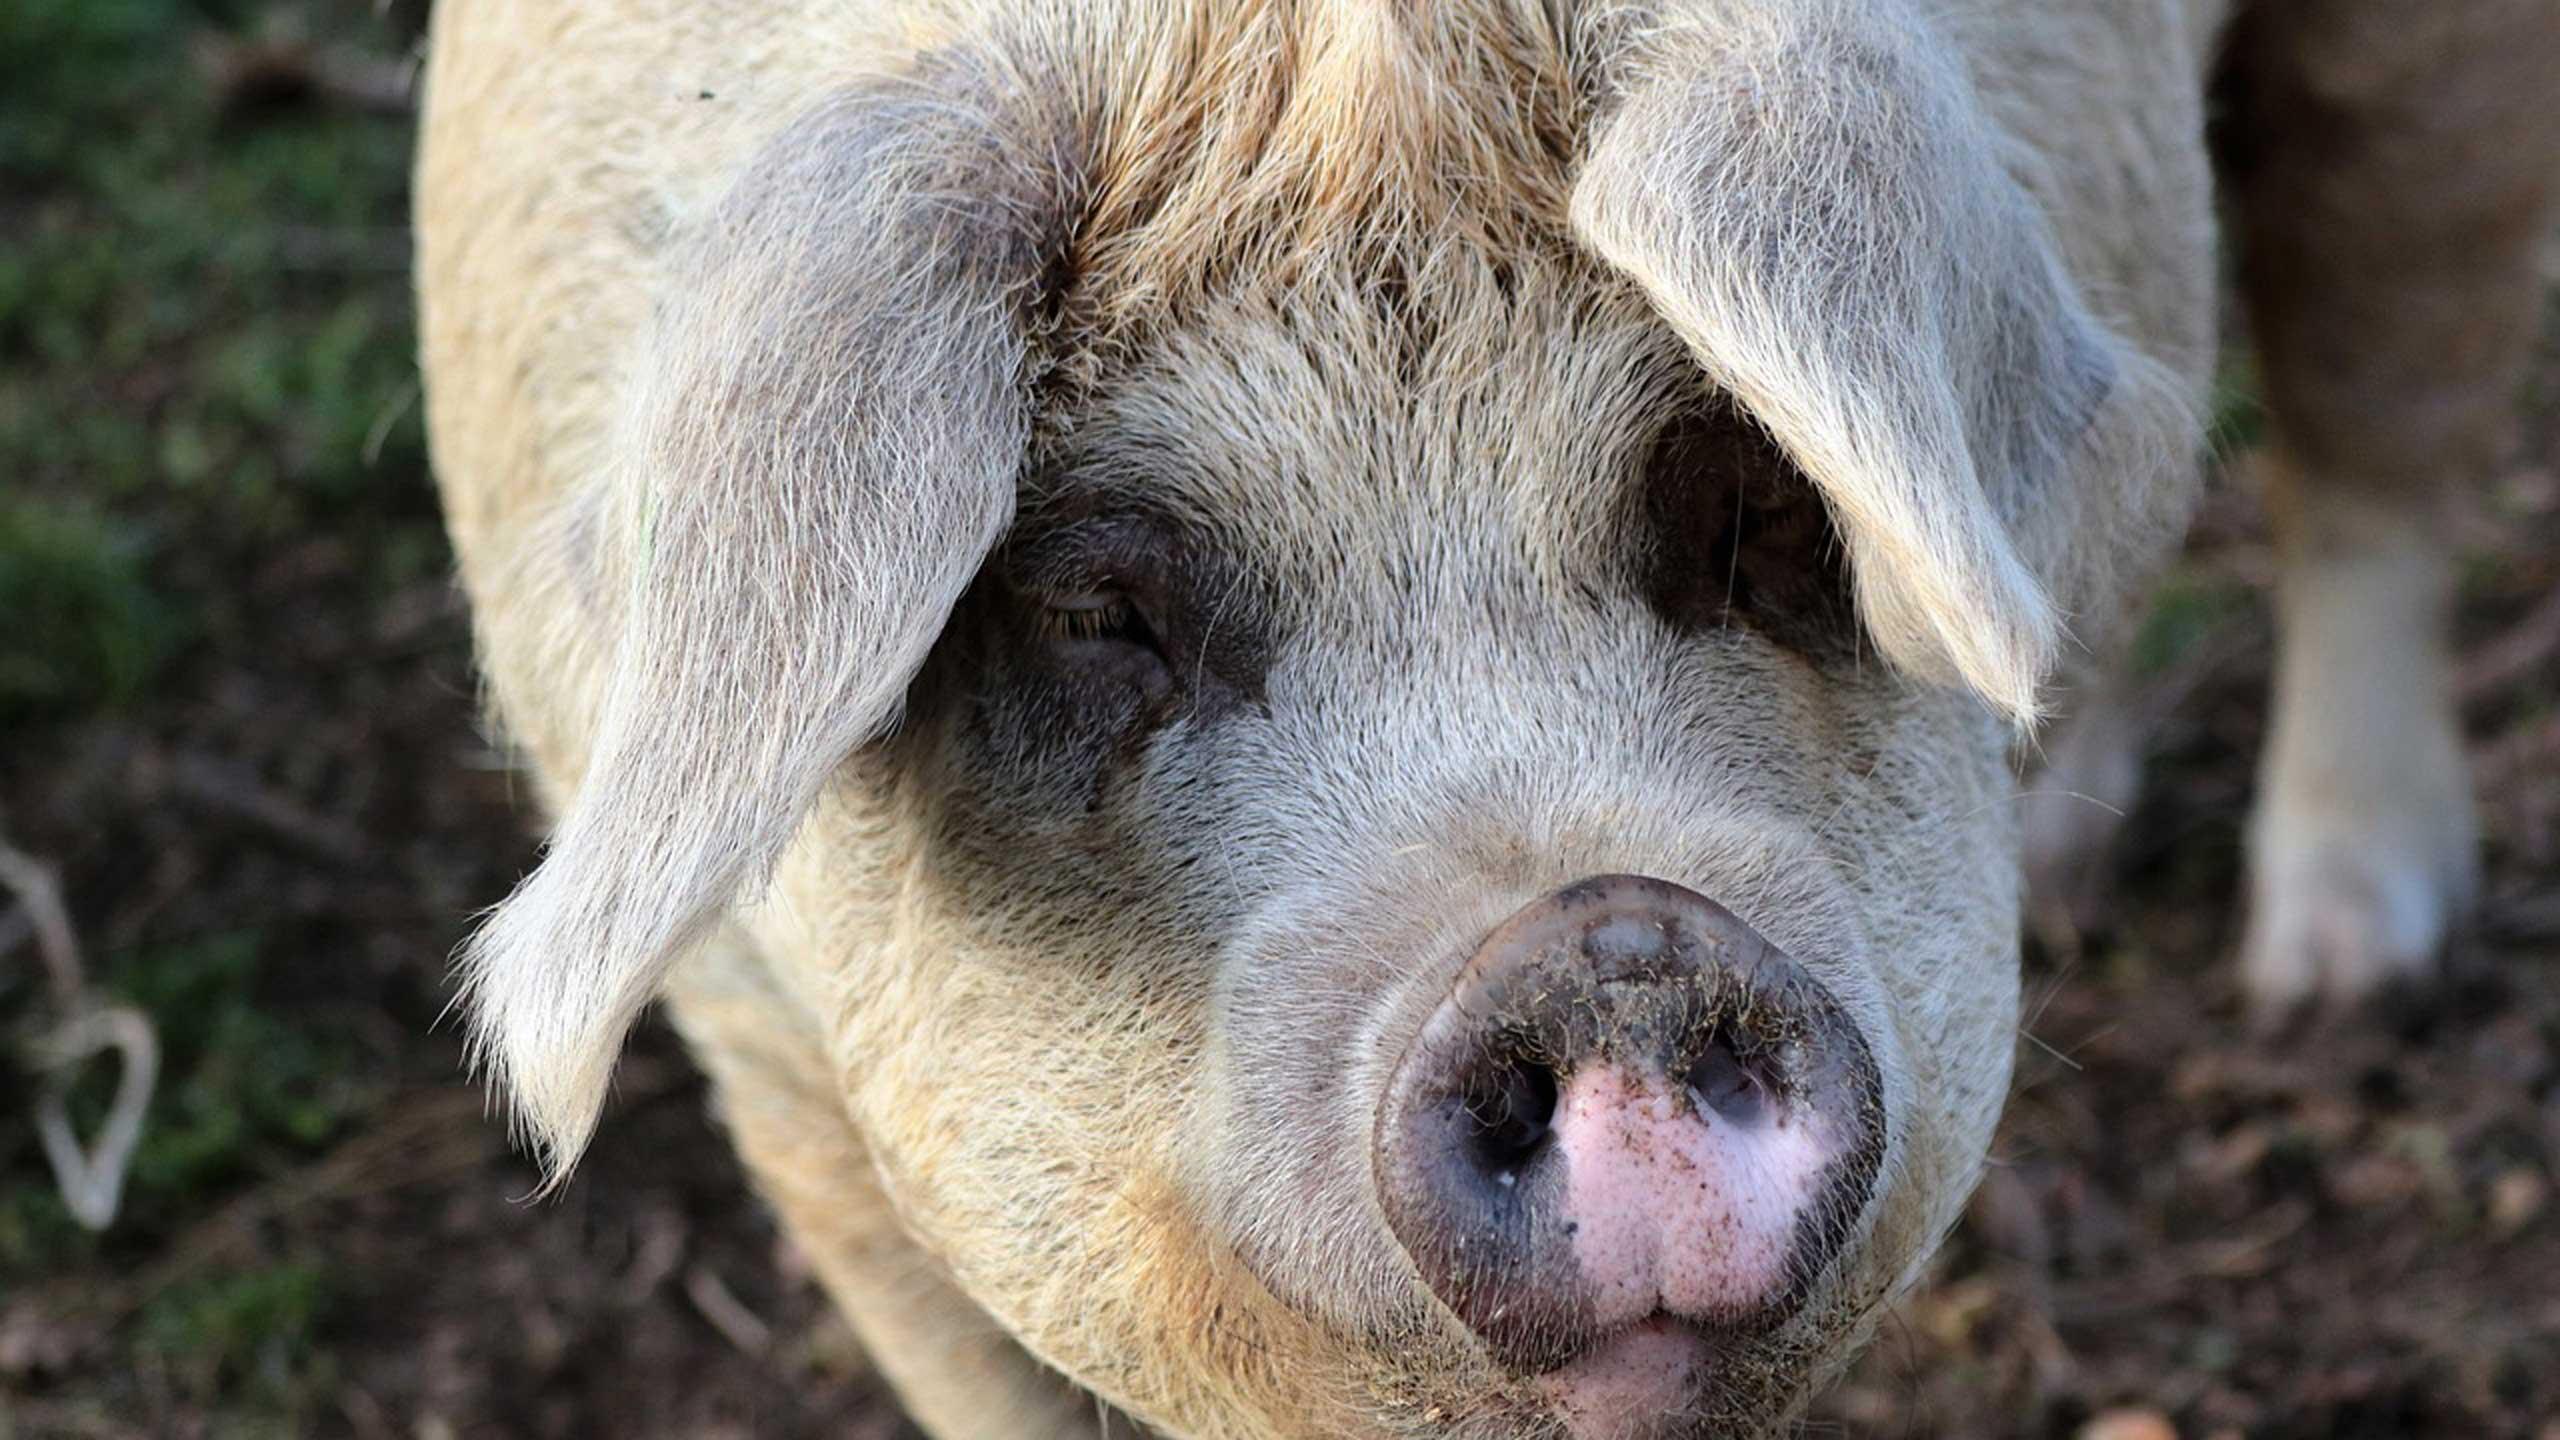 reconocimientos facial en cerdos